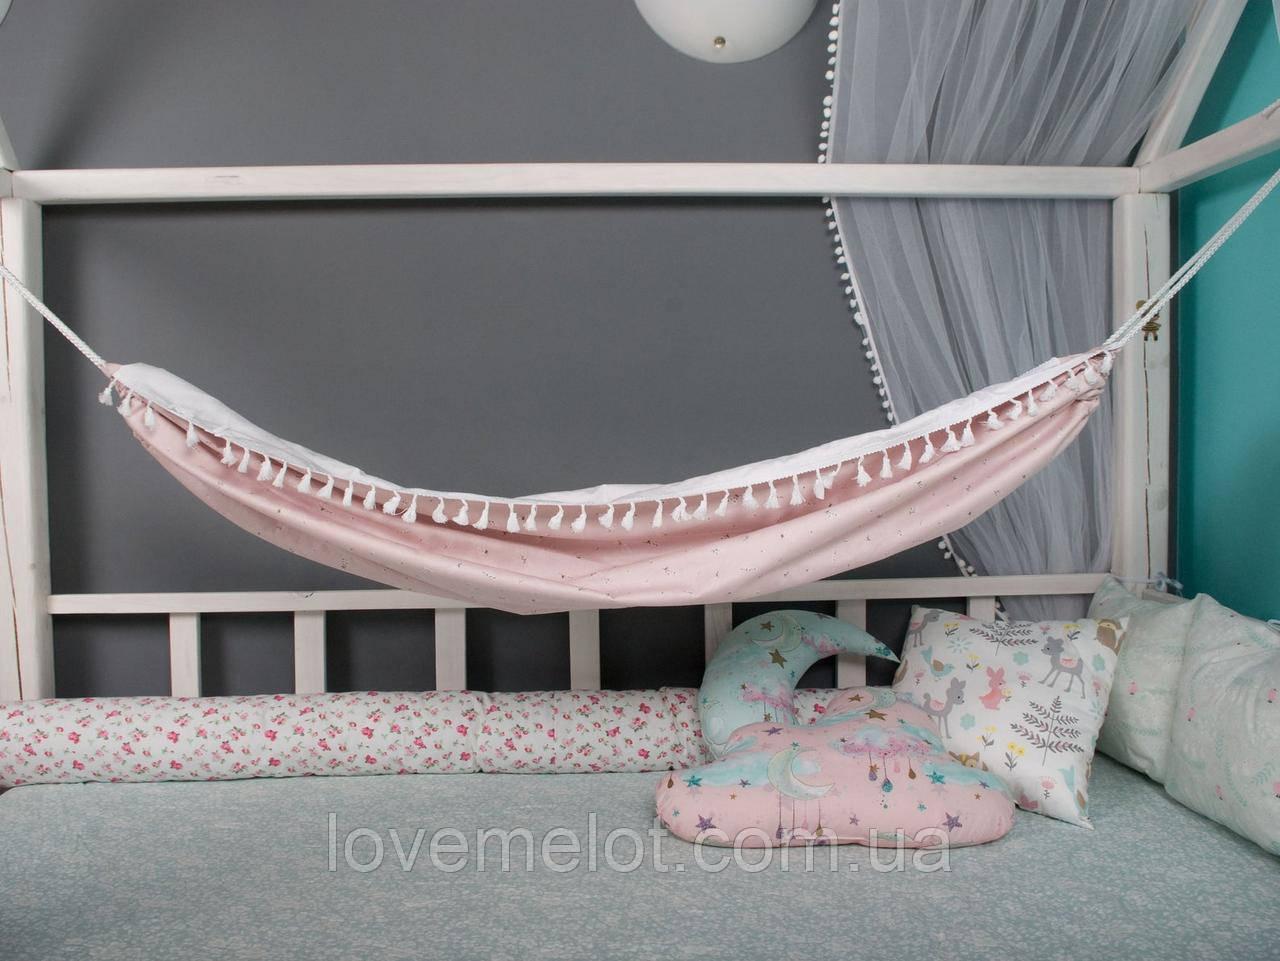 Детский гамак тканевый с кистями, размер 90*140см на 3-6 лет, качель подвесная детская тканевая, бохо стиль